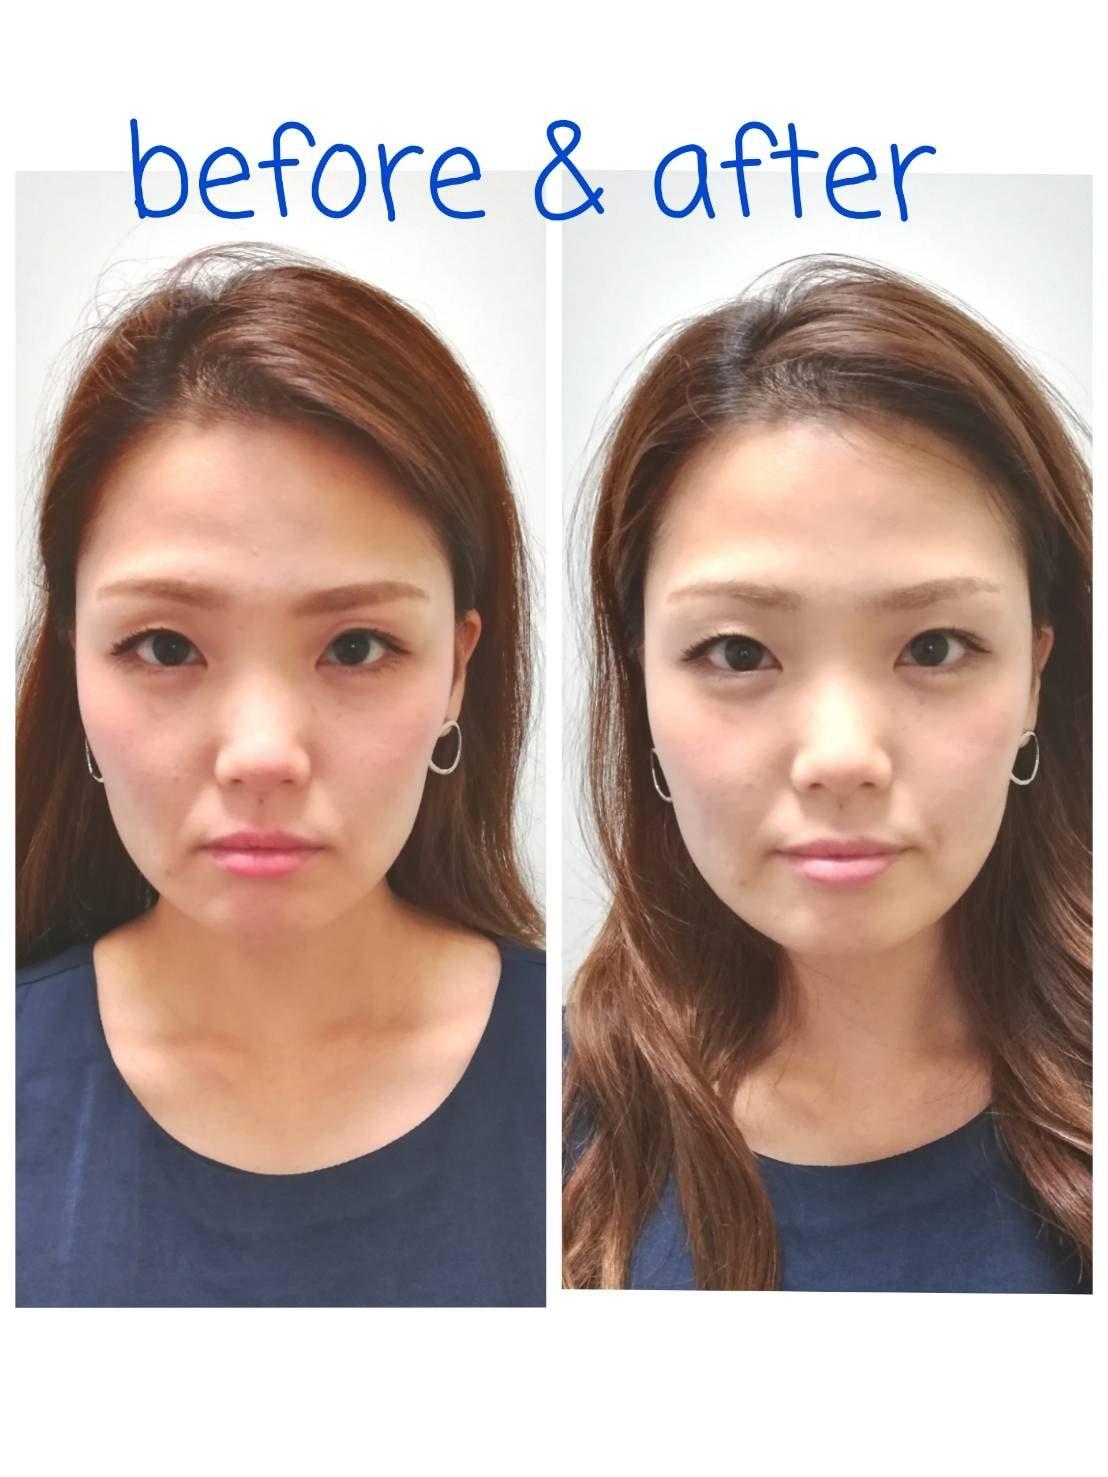 美容鍼+ボディメンテナンス90分 しわやたるみの改善。小顔リフトアップに最適な美容鍼をボディメンテナンスとセットでより効果を引き出します。のイメージその1